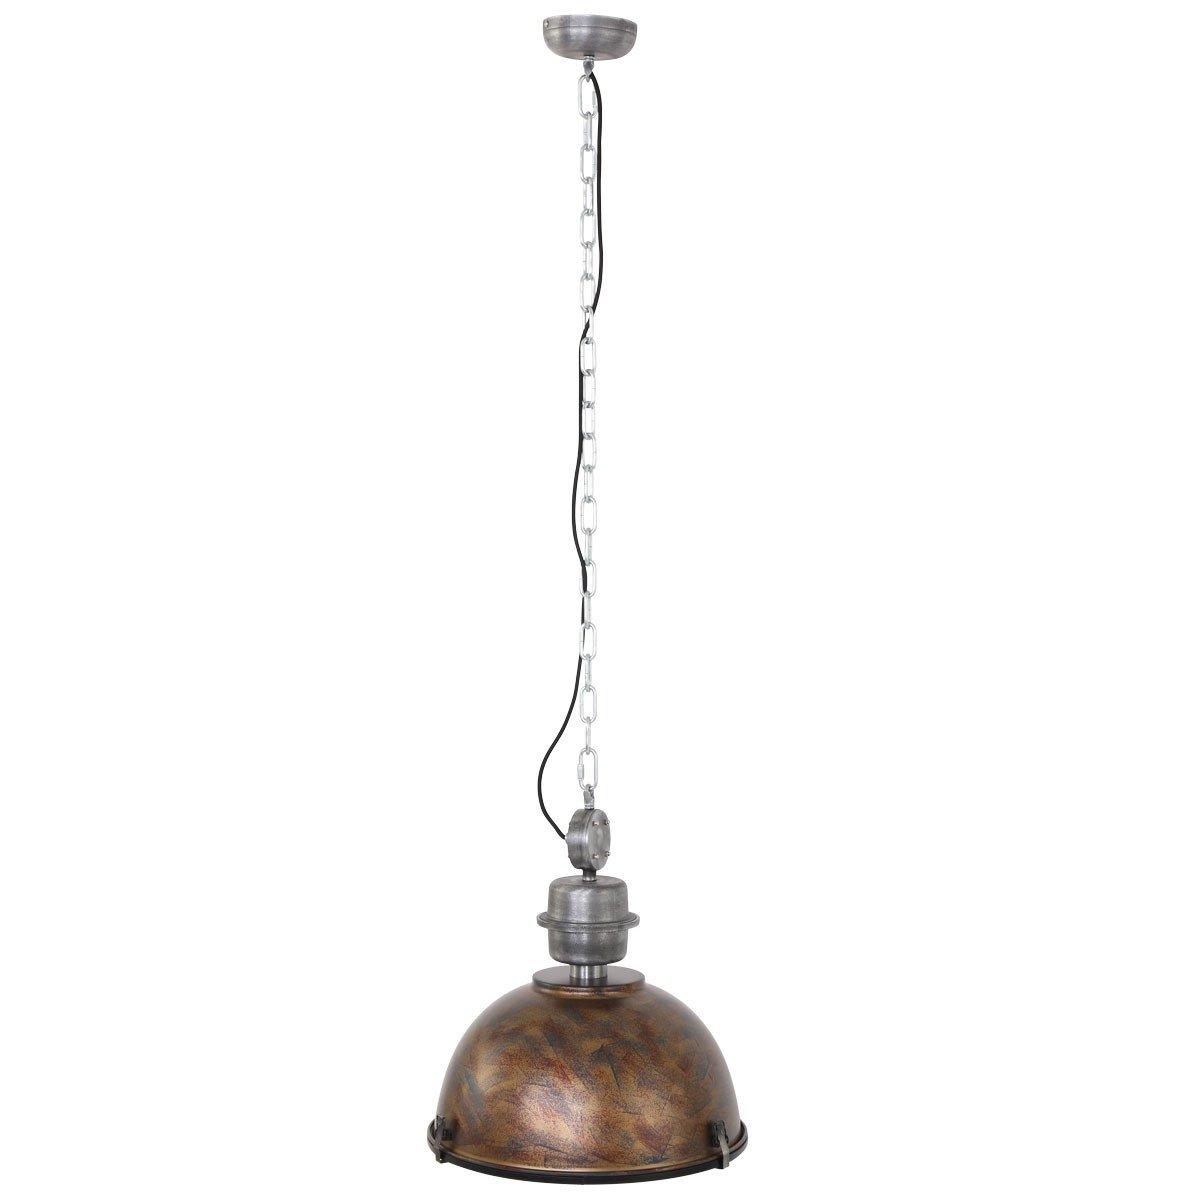 Hanglamp Steinhauer Bikkel 7586 Bruin